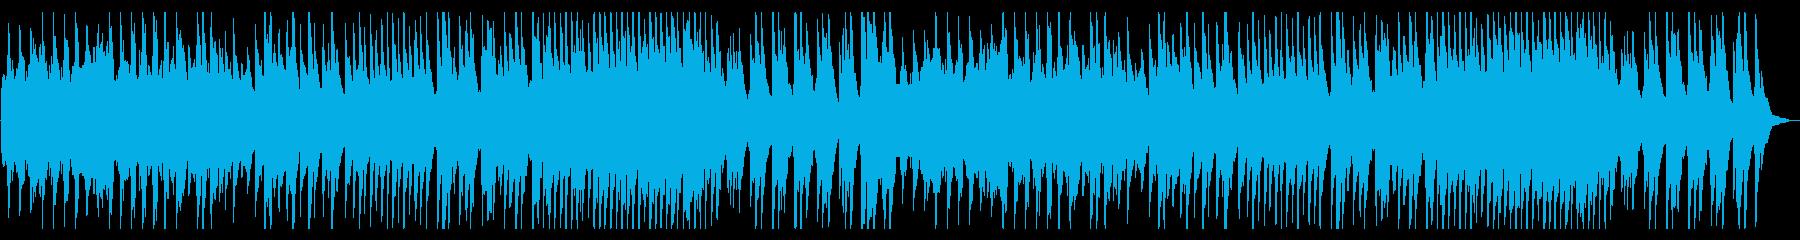 爽やかなモーニングルーティンを彩るピアノの再生済みの波形